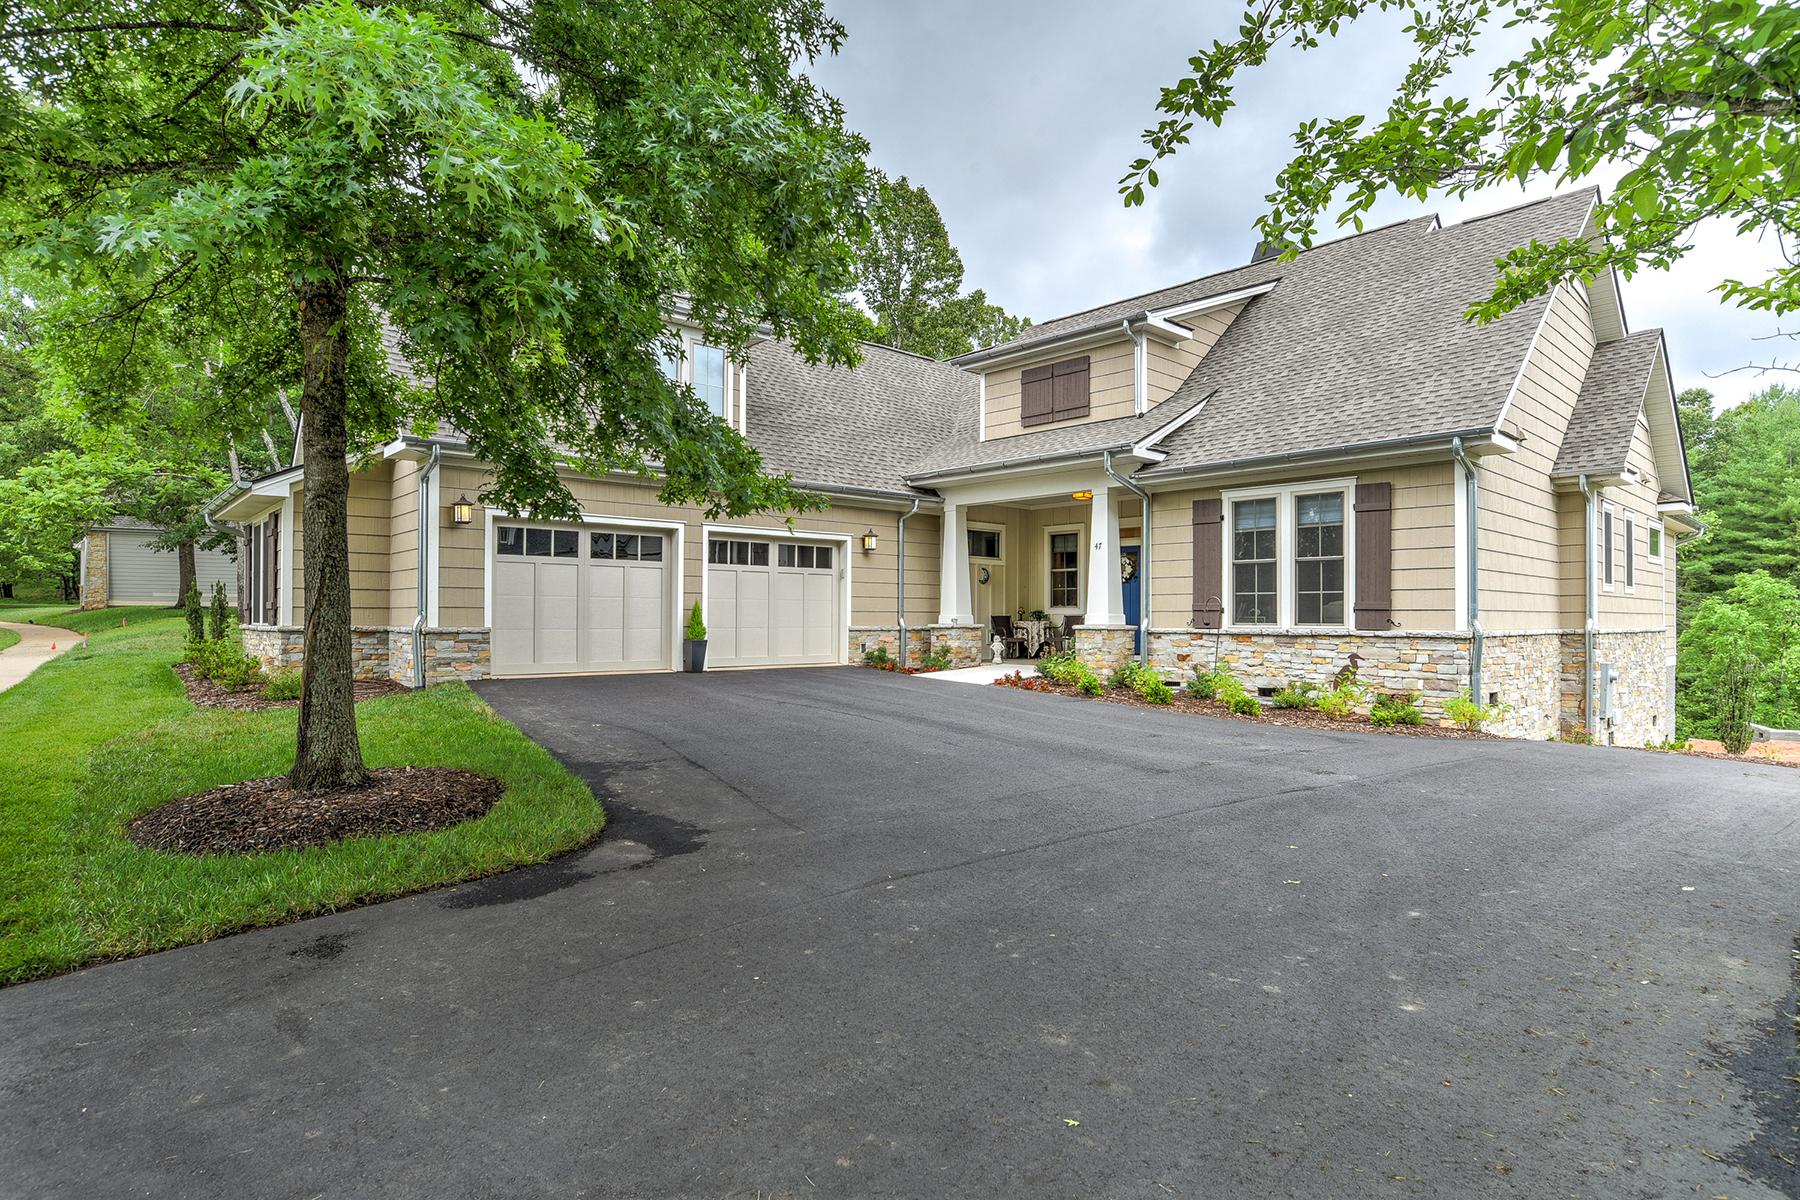 Single Family Homes for Active at BILTMORE LAKE 47 Orvis Stone Cir Biltmore Lake, North Carolina 28715 United States